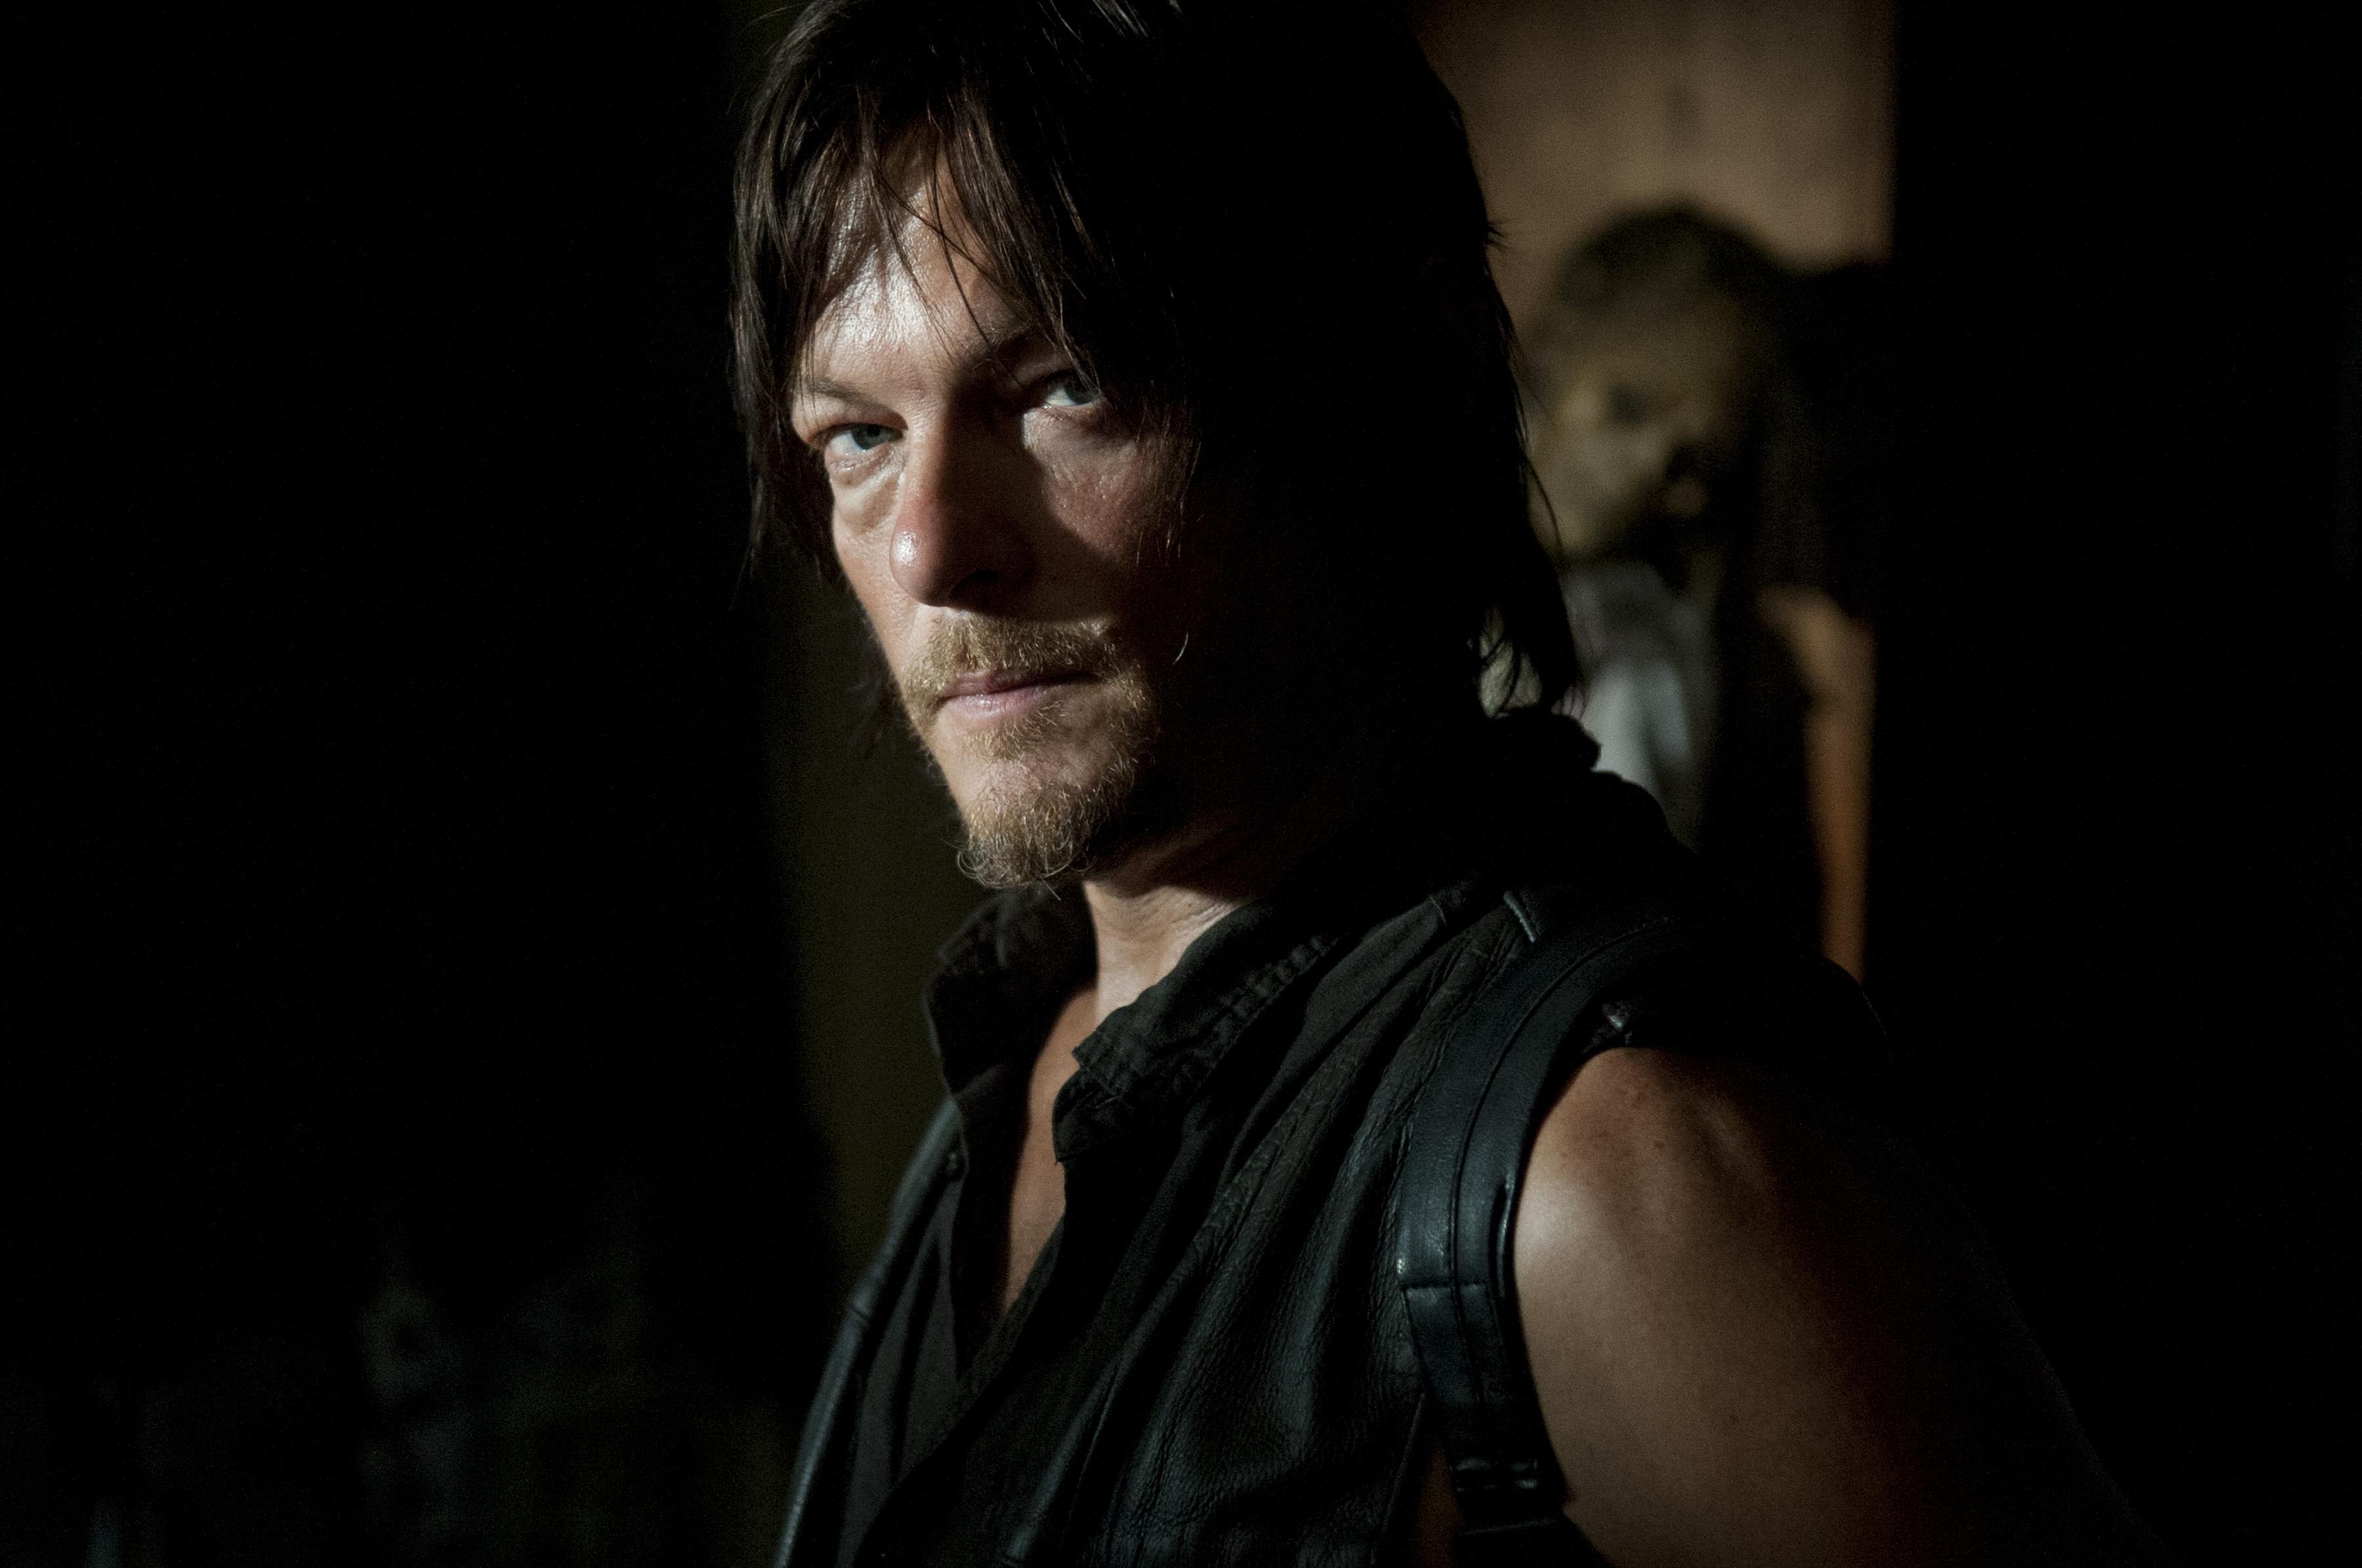 'Walking Dead' Star Scores Biker Reality Show on AMC